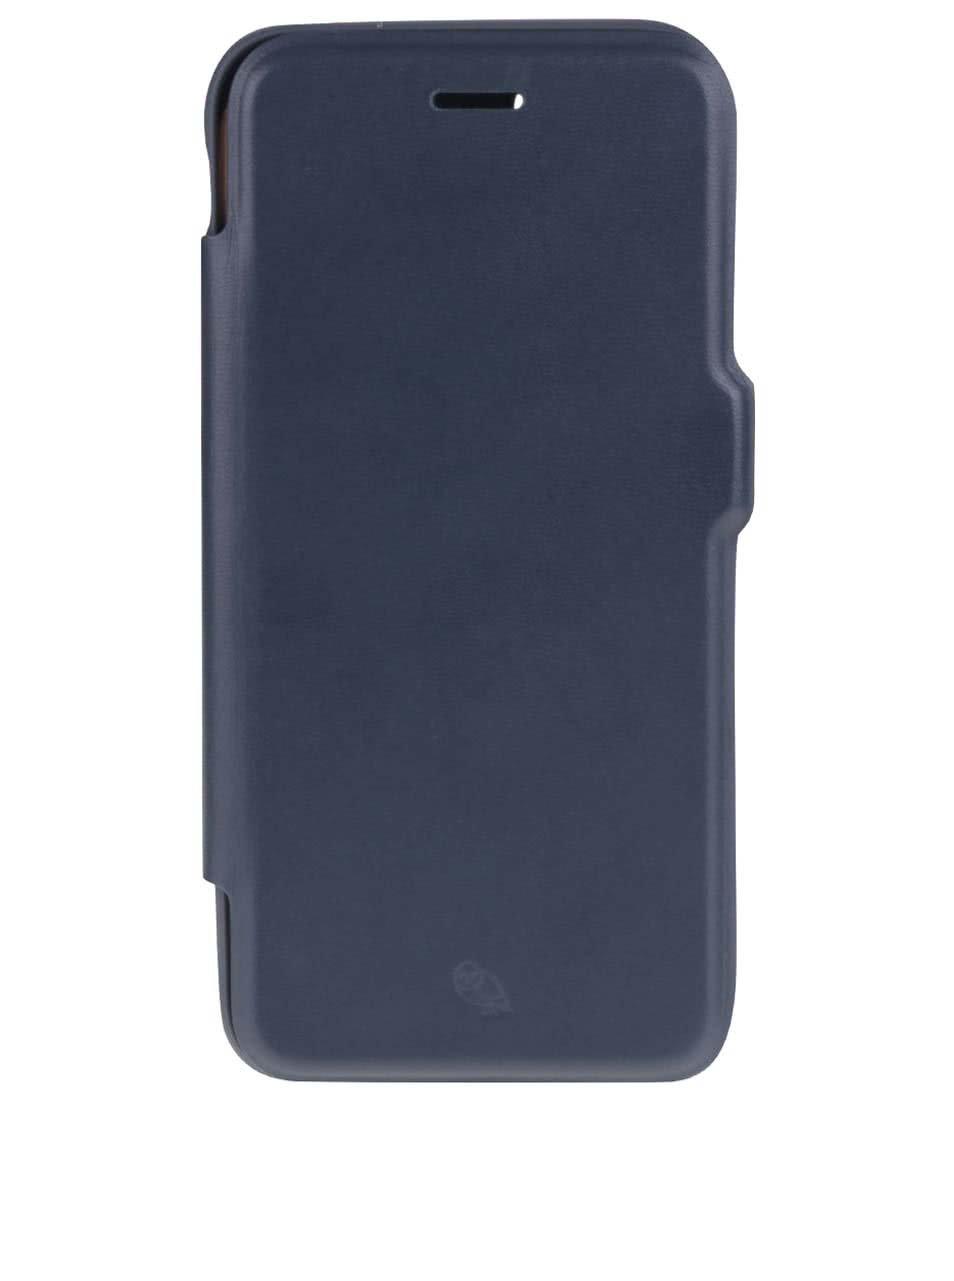 Tmavomodrý kožený kryt pre iPhone 7 s priehradkou na platobné karty Bellroy